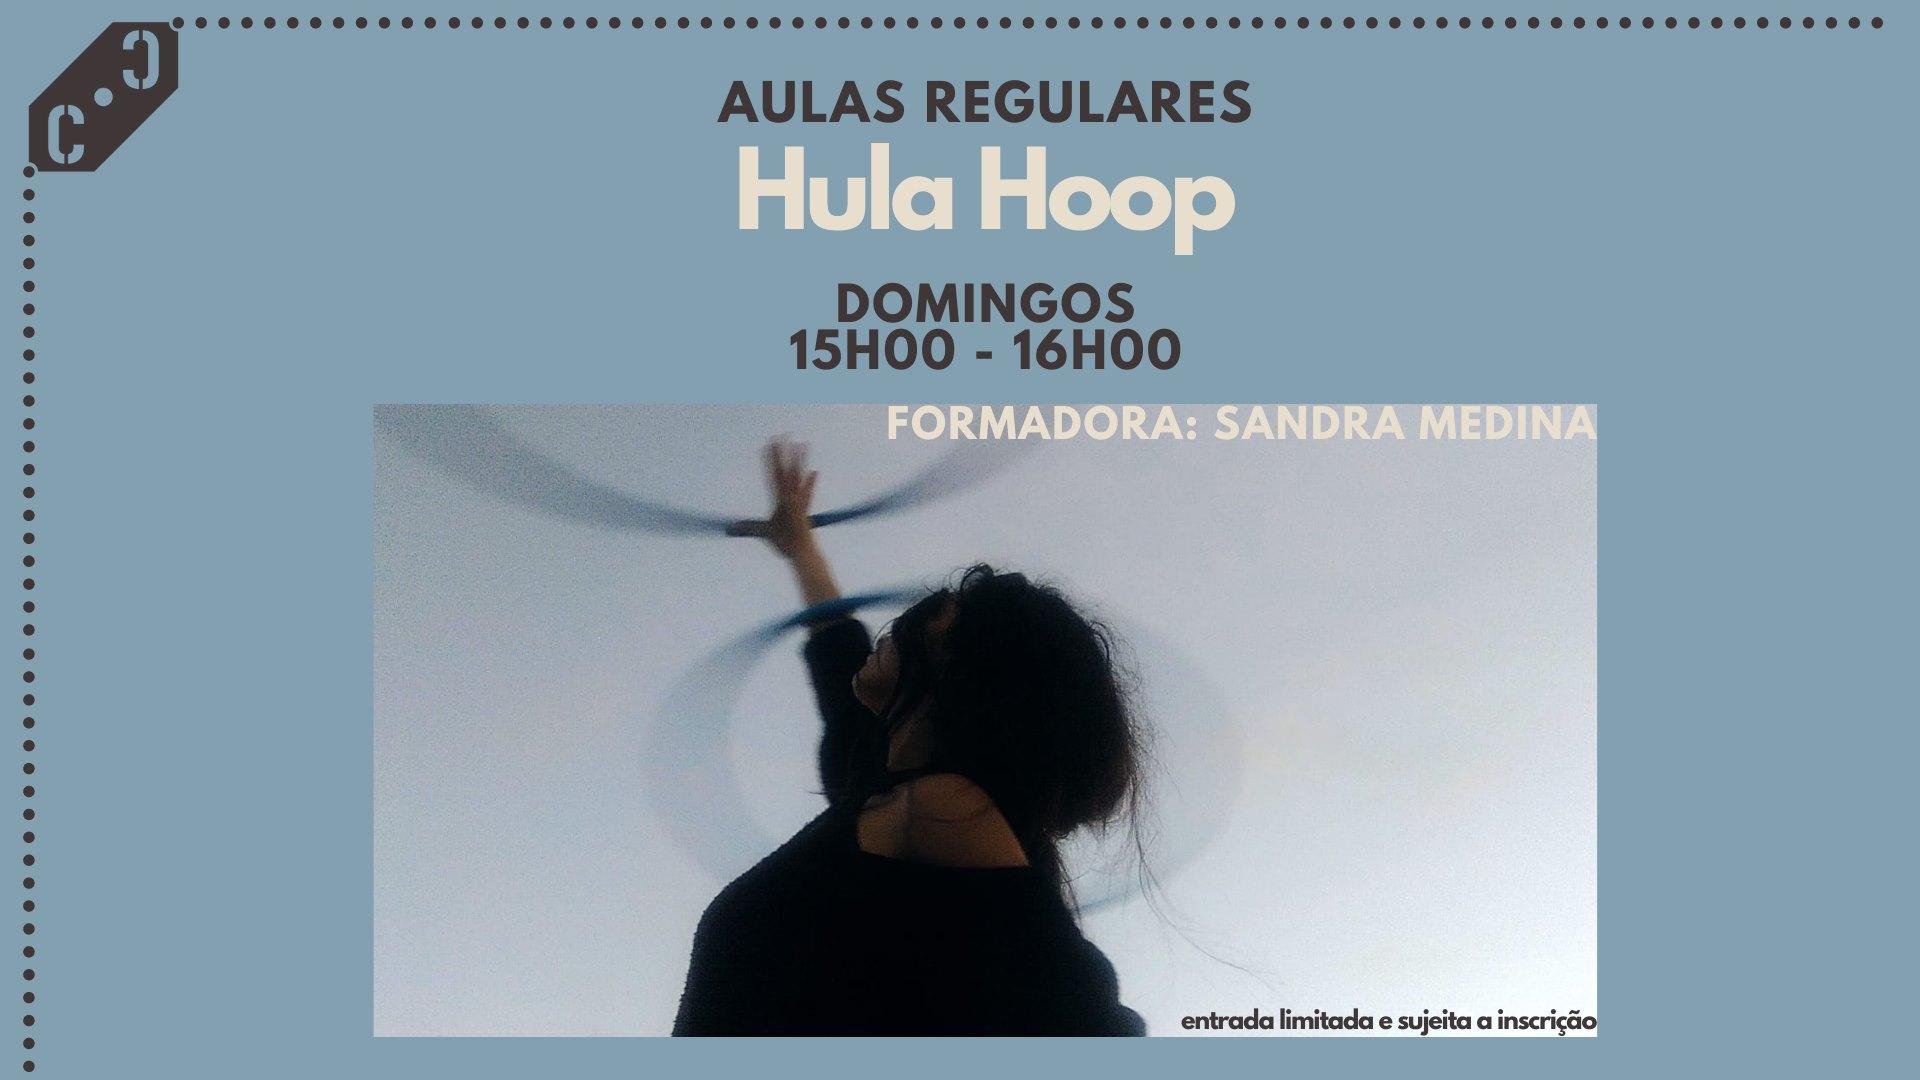 Aulas Regulares: Hula Hoop